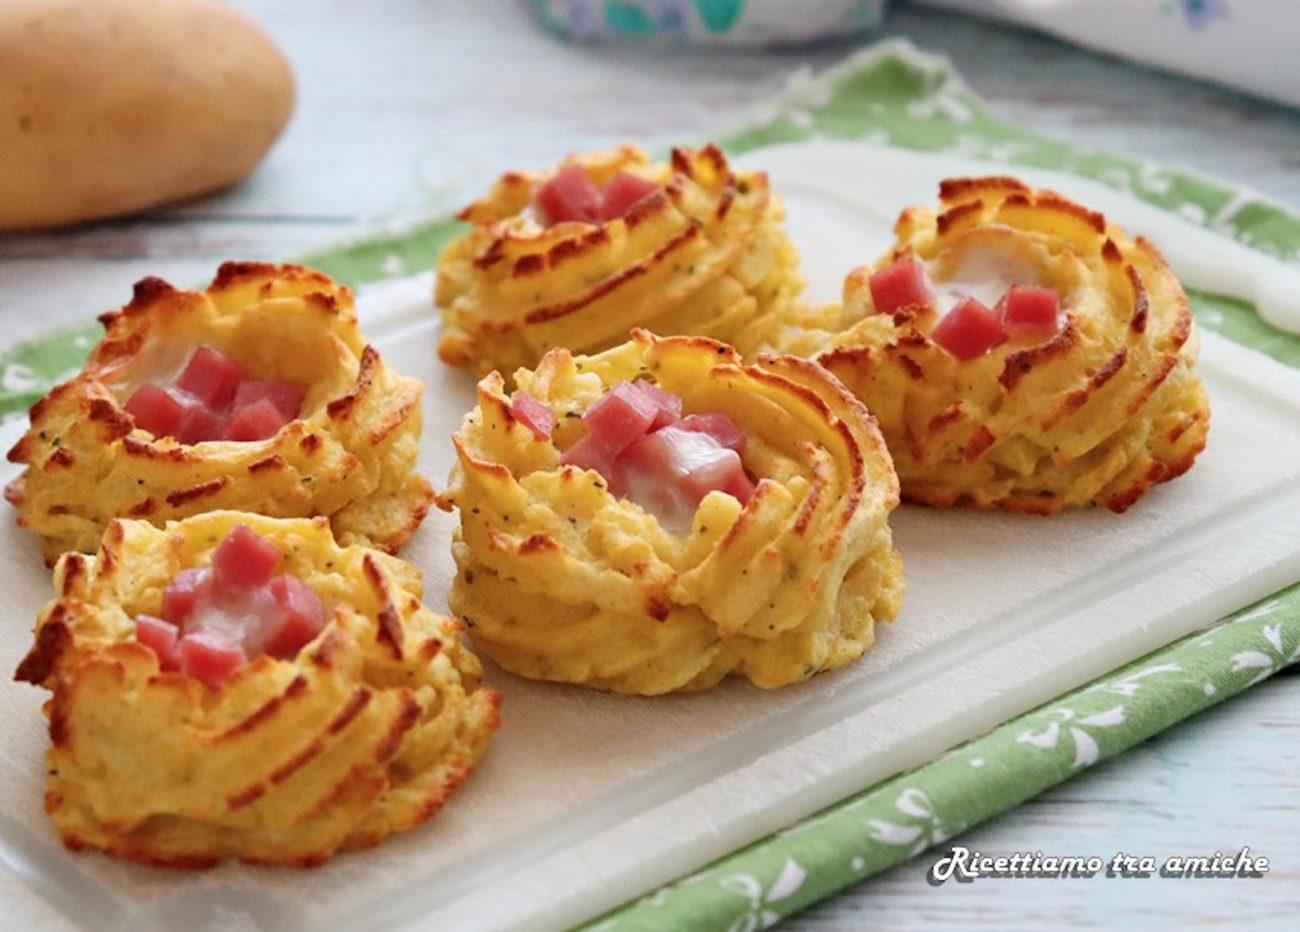 Nidi di patate con prosciutto cotto e mozzarella